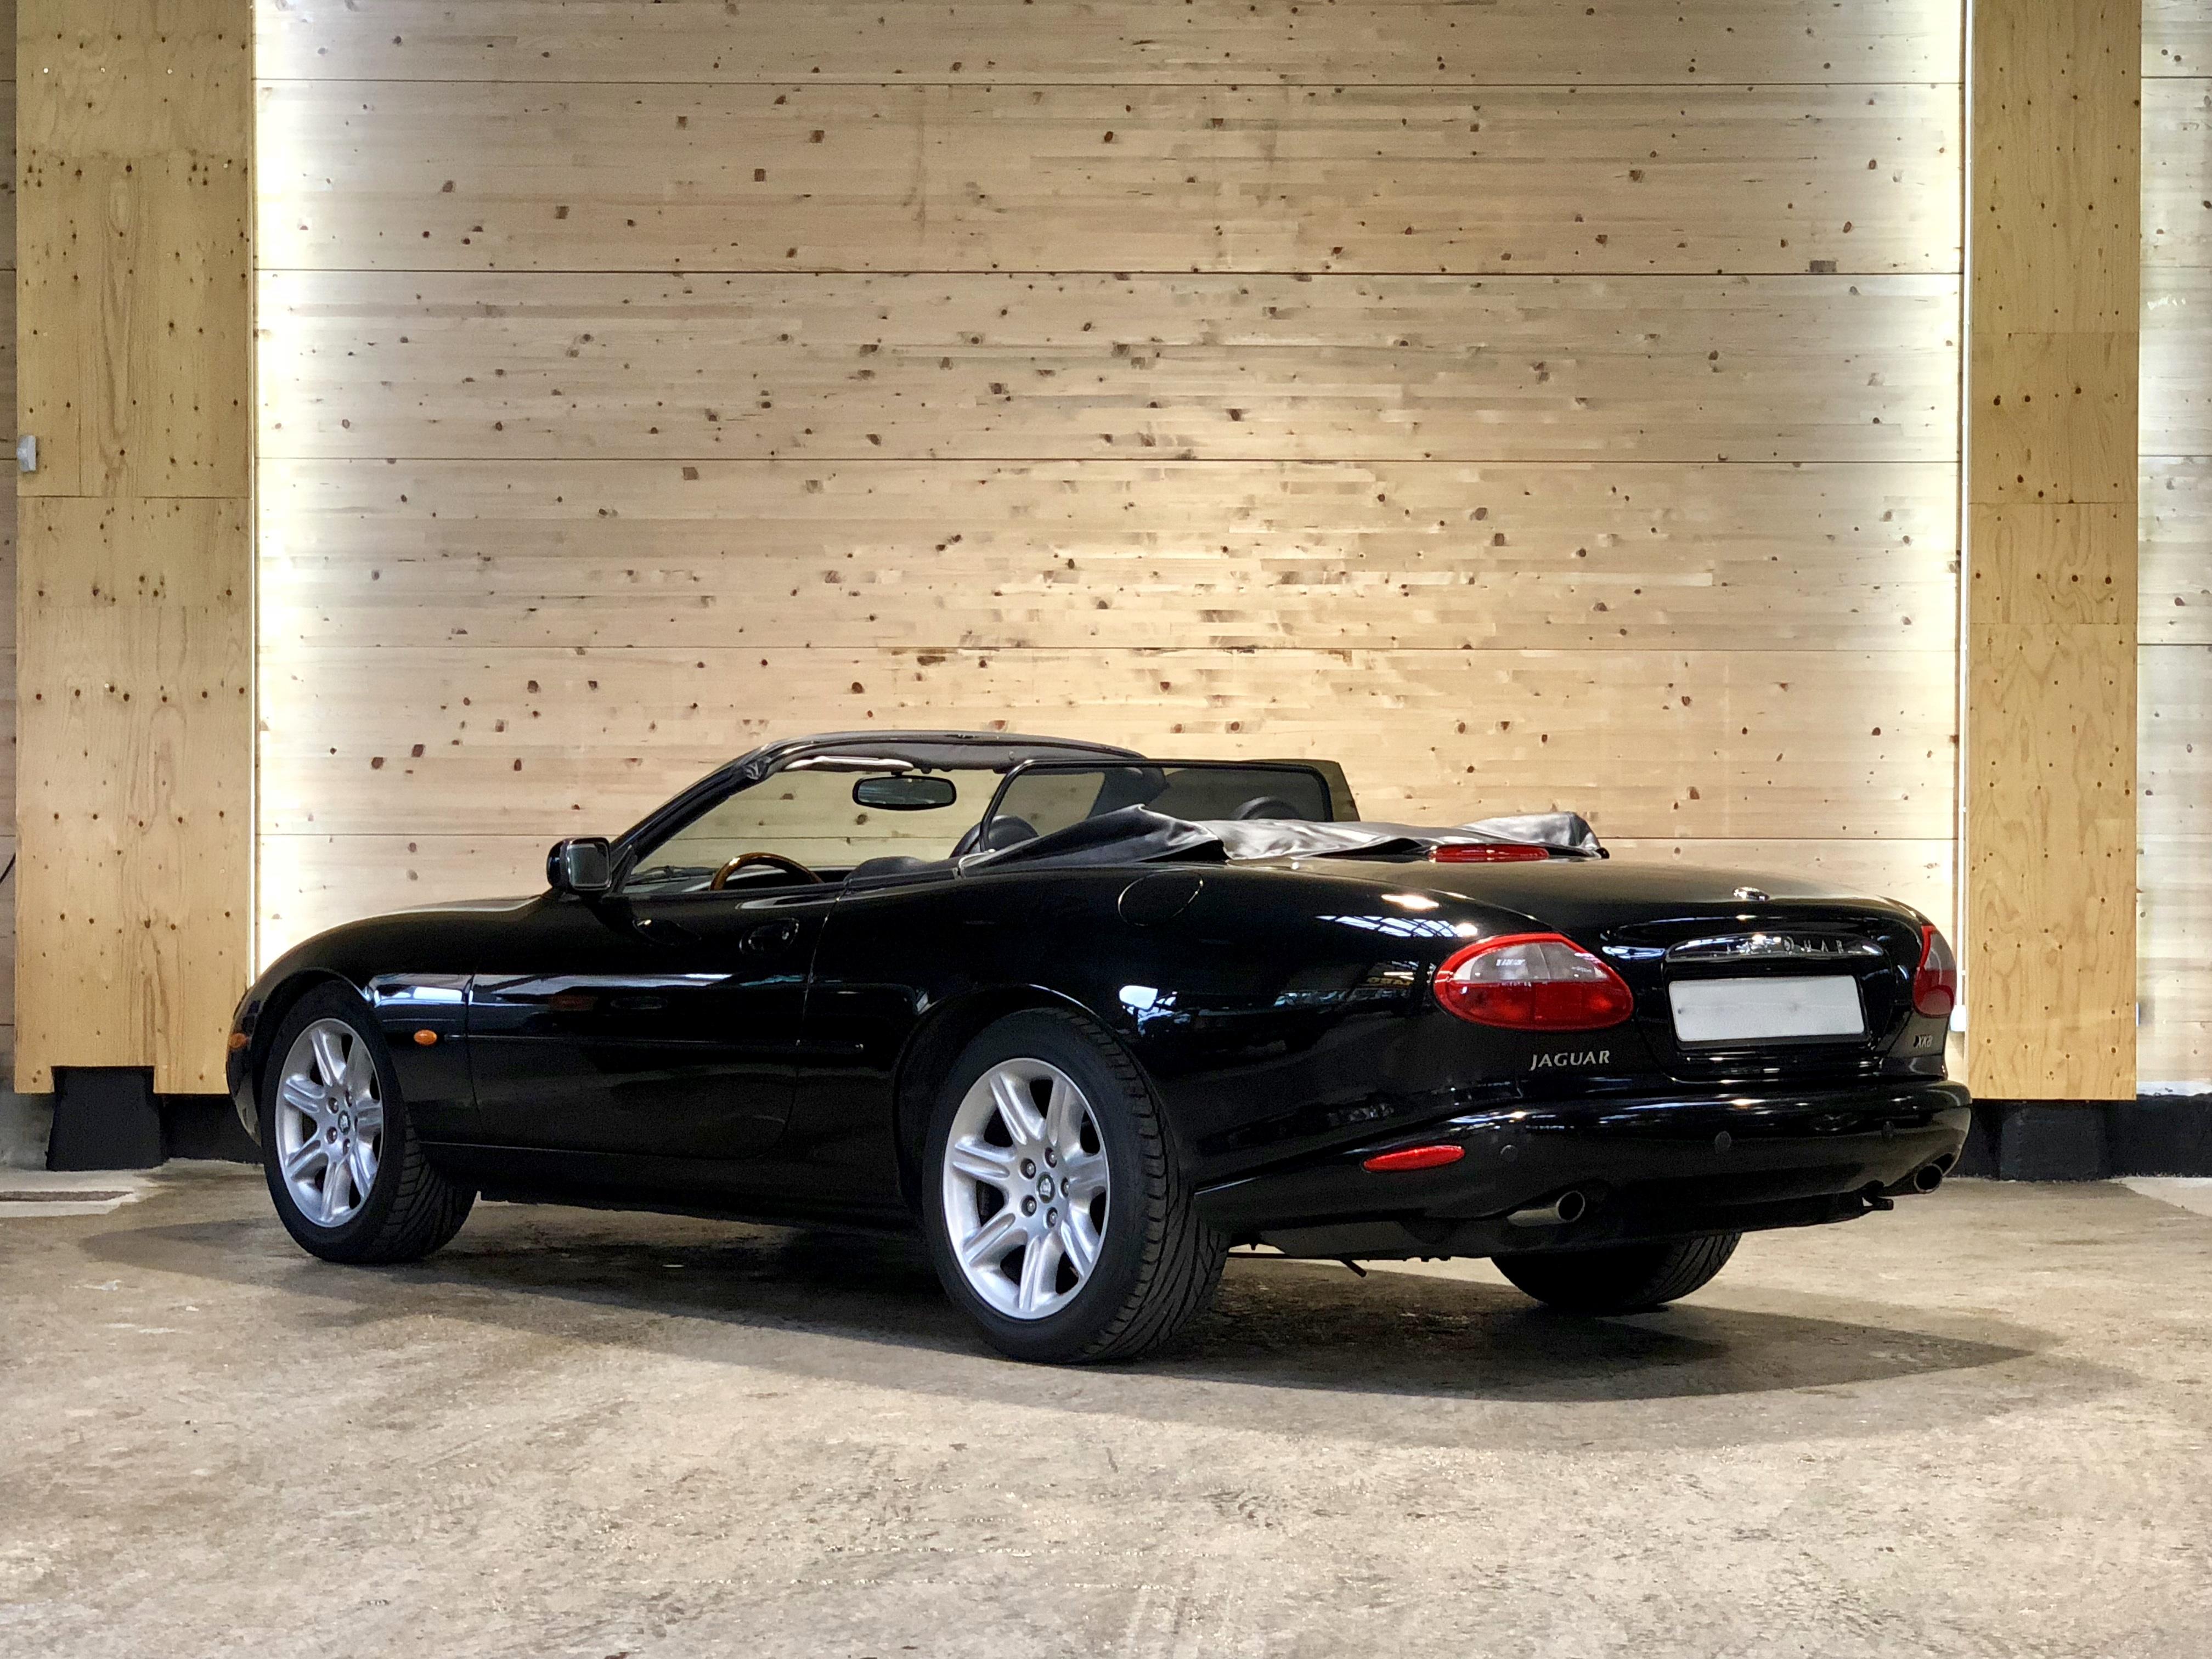 Jaguar XK8 4.0 Cabriolet